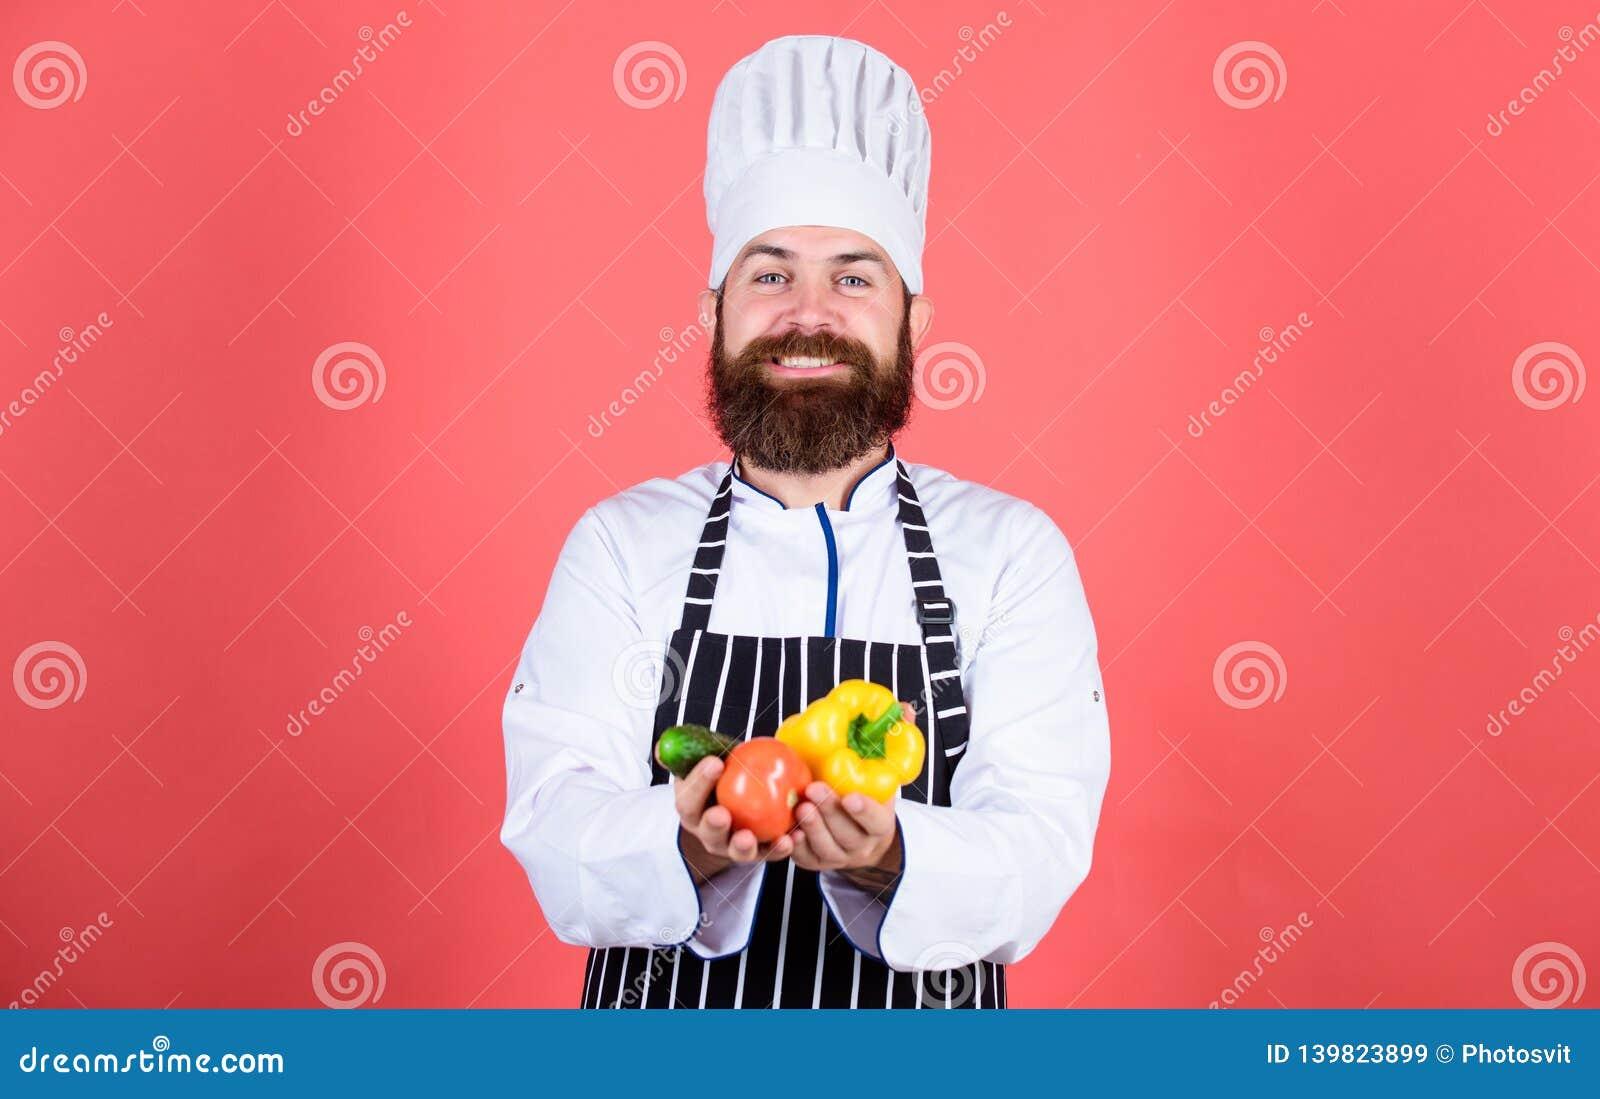 Άτομο αρχιμαγείρων στο καπέλο Μυστική συνταγή γούστου Γενειοφόρος μάγειρας ατόμων στην κουζίνα, μαγειρική χορτοφάγος Ώριμος αρχιμ